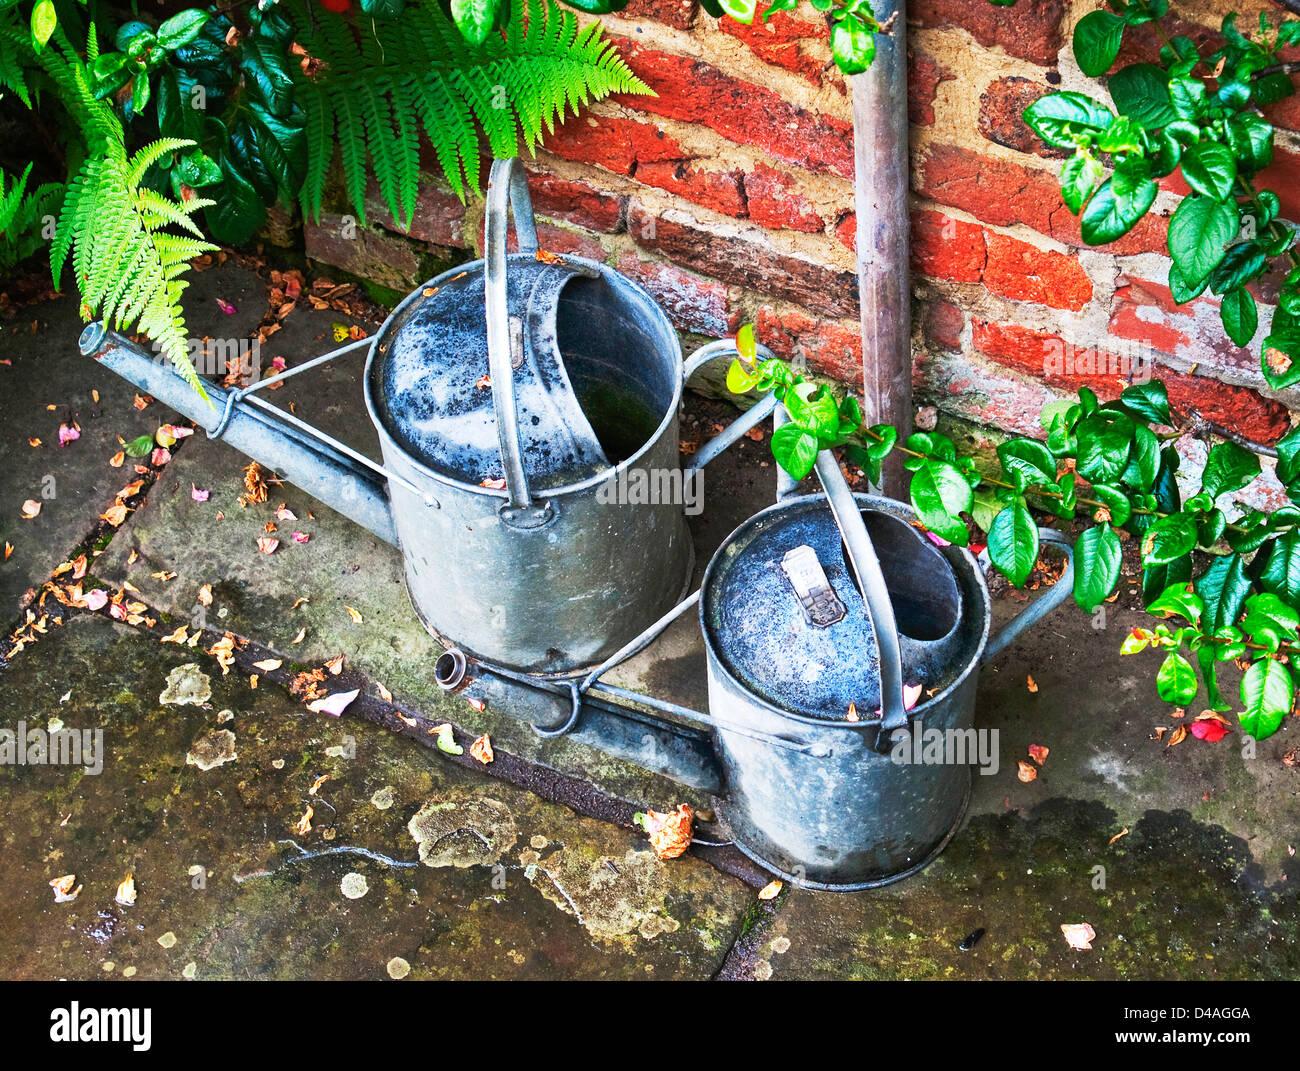 Pair of galvanised metal watering cans - Stock Image